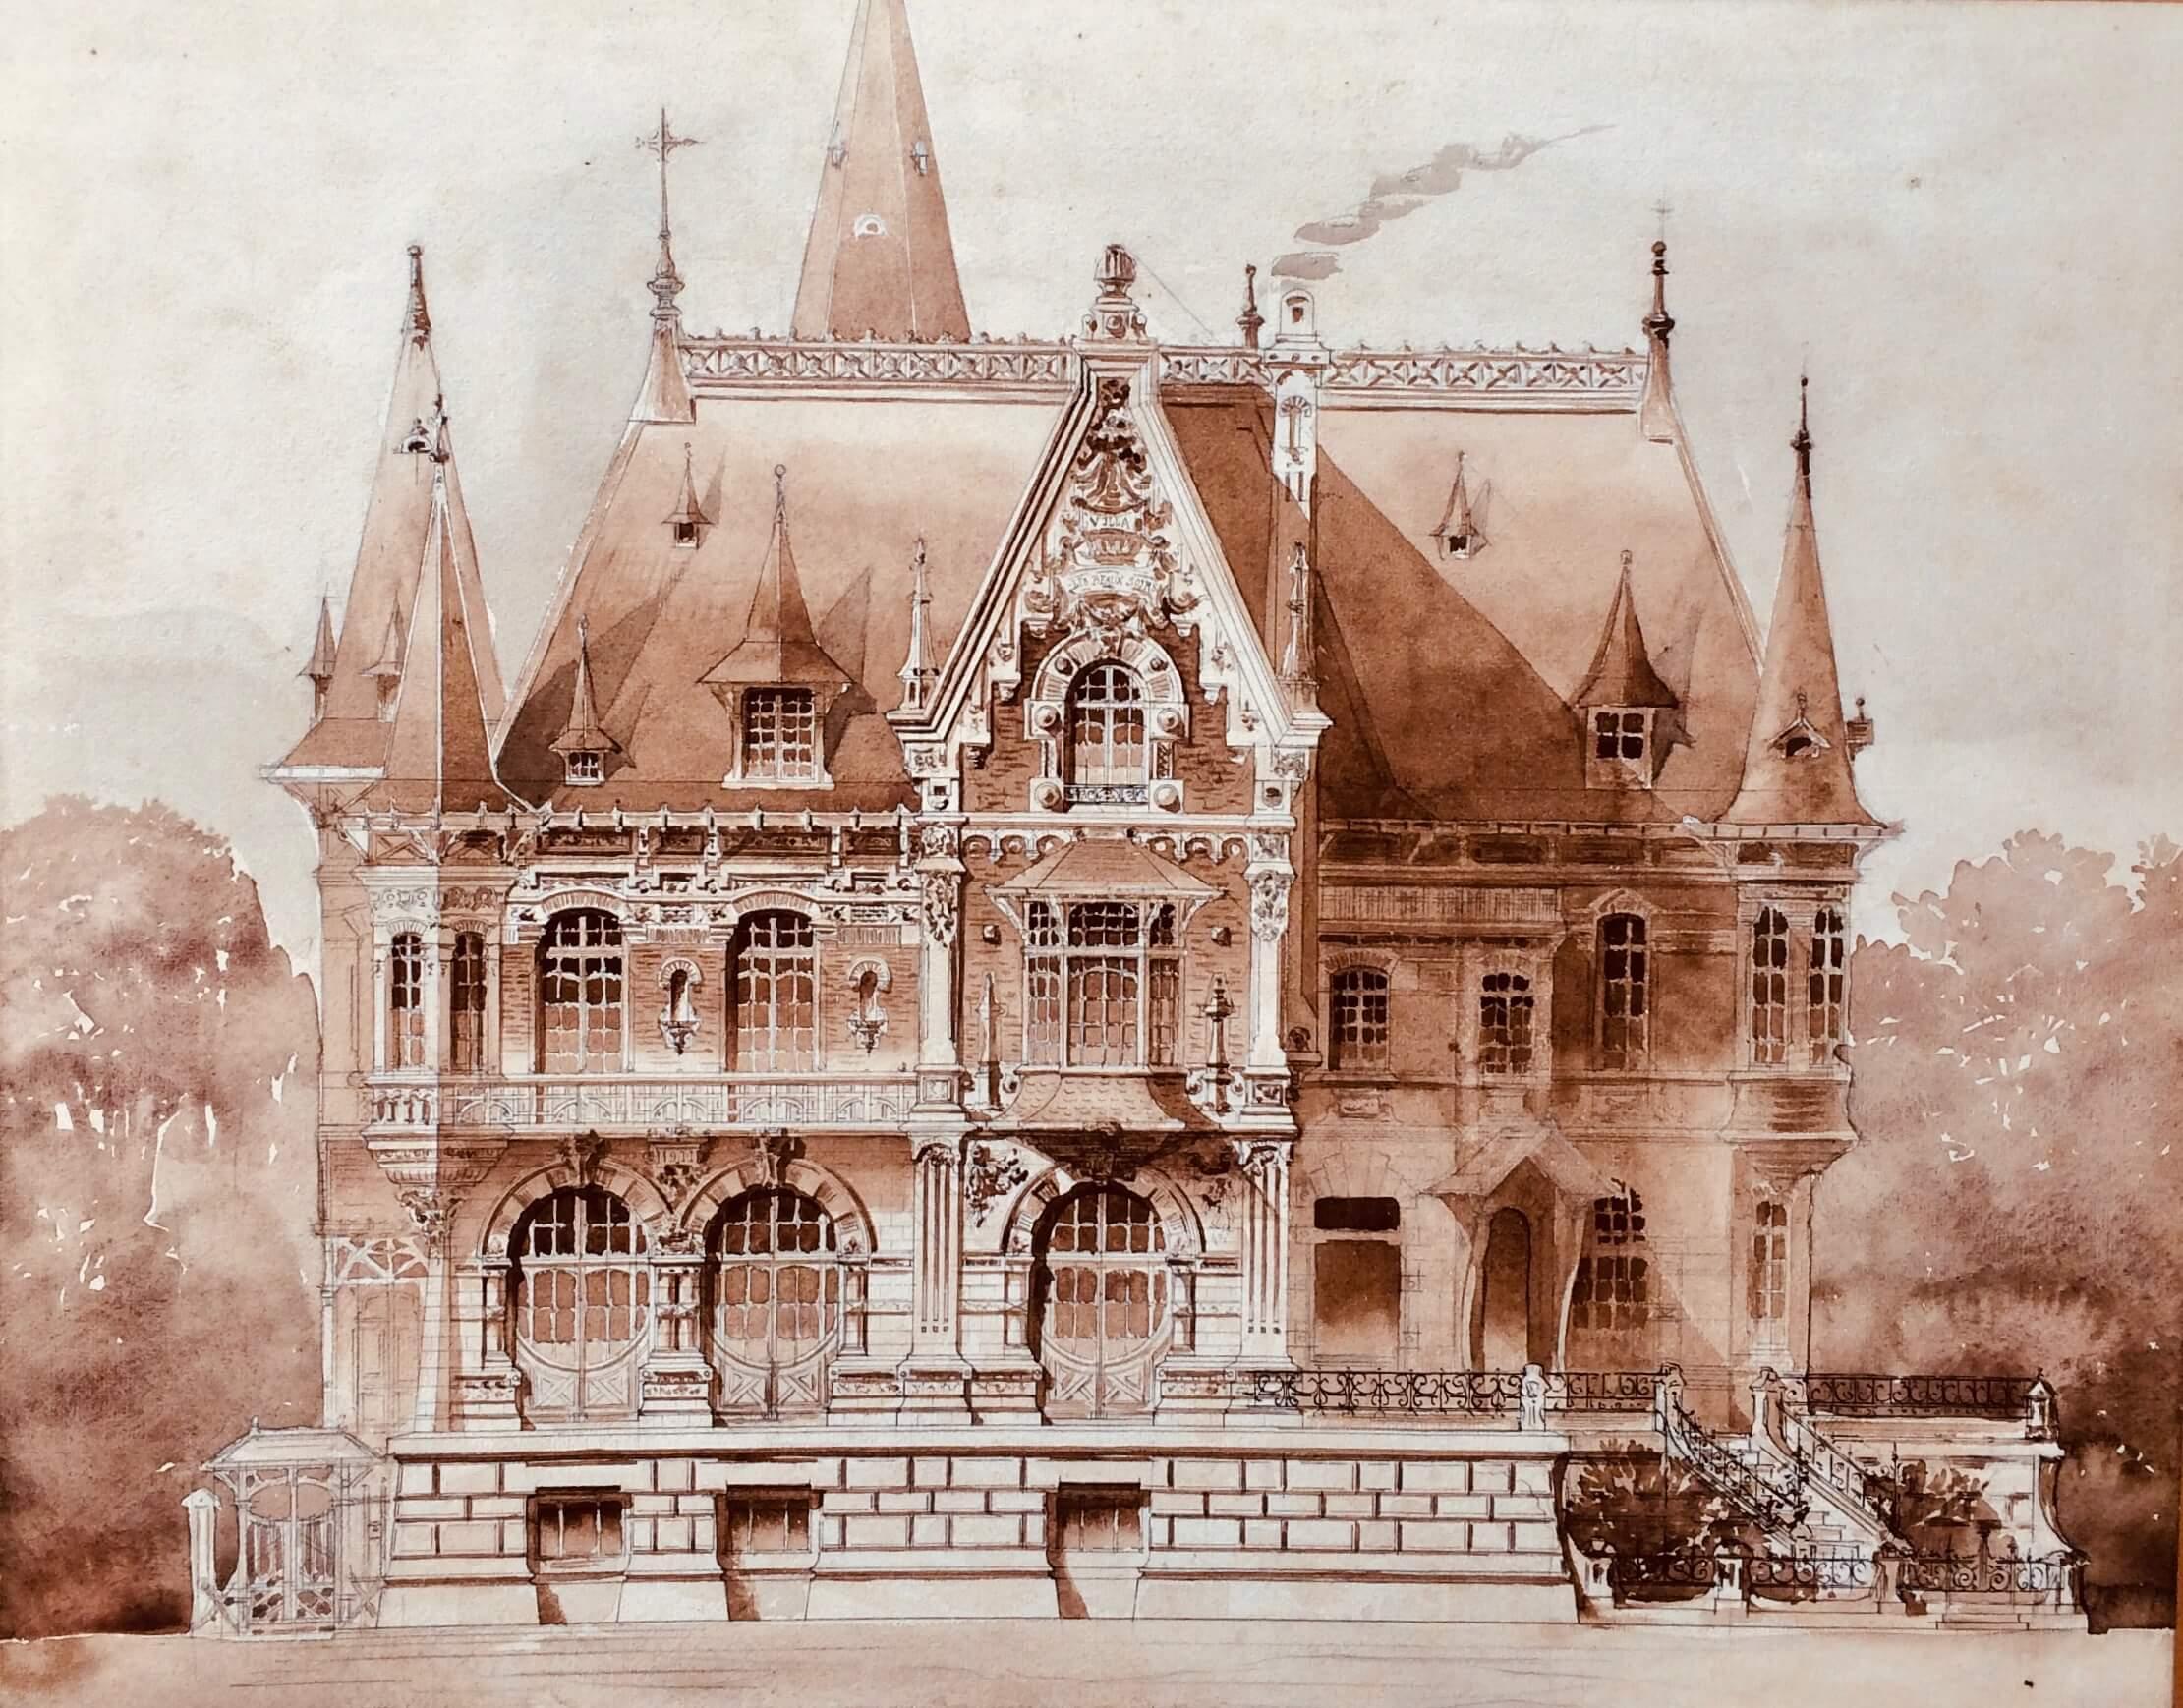 Maison En Ruine Dessin plan de maison dessin d'architecte - grande villa en picardie - france